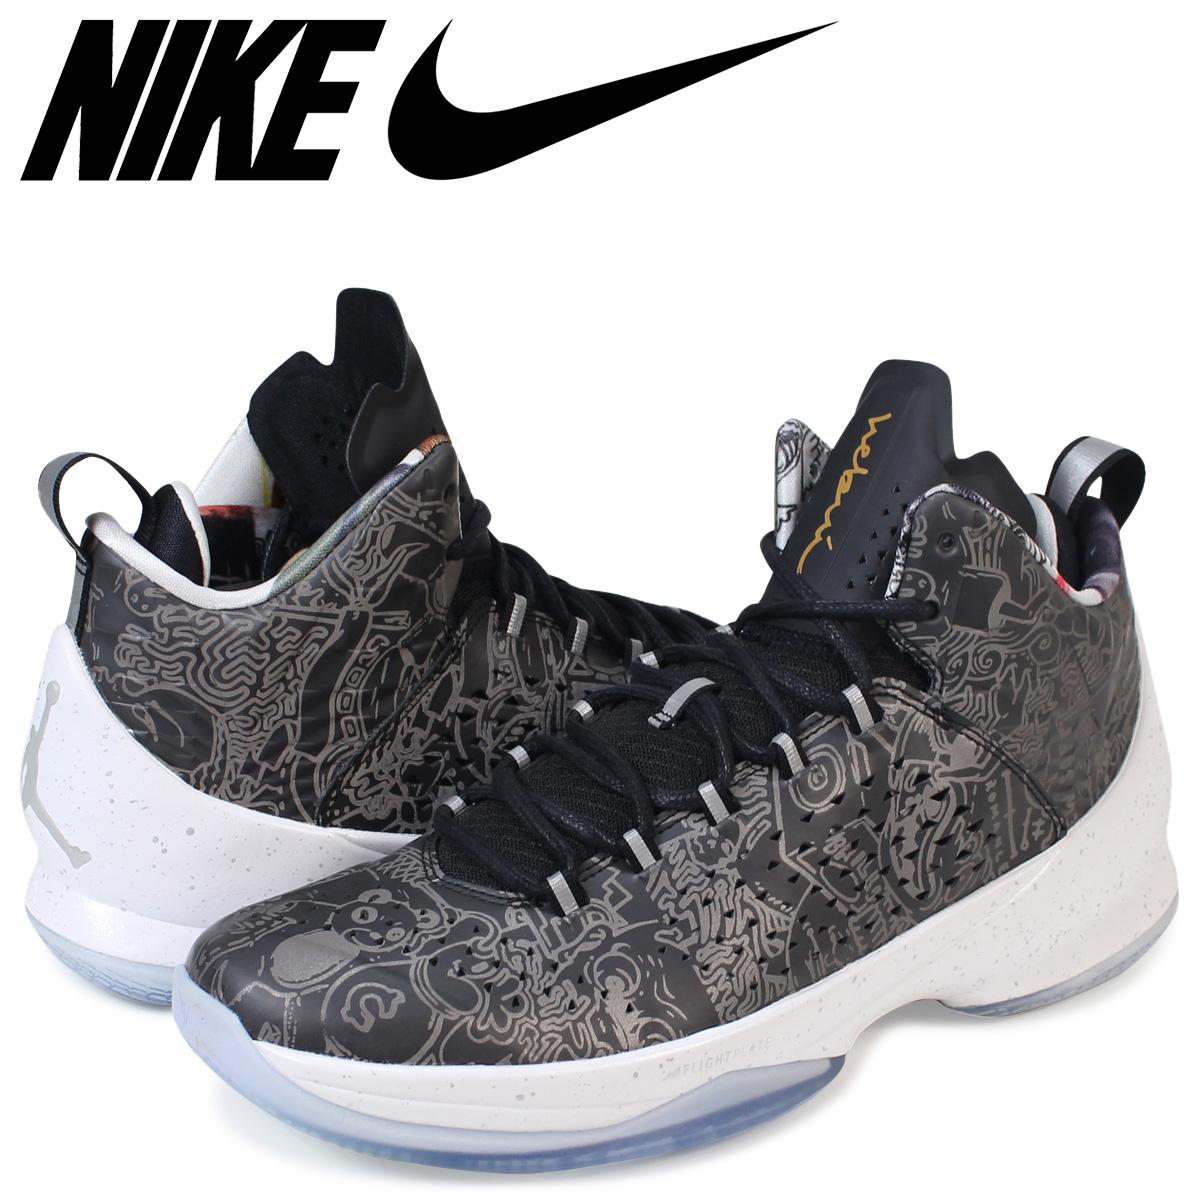 Nike NIKE Air Jordan Melo sneakers AIR JORDAN Melo M11 HEBRU 814 c4cccc845